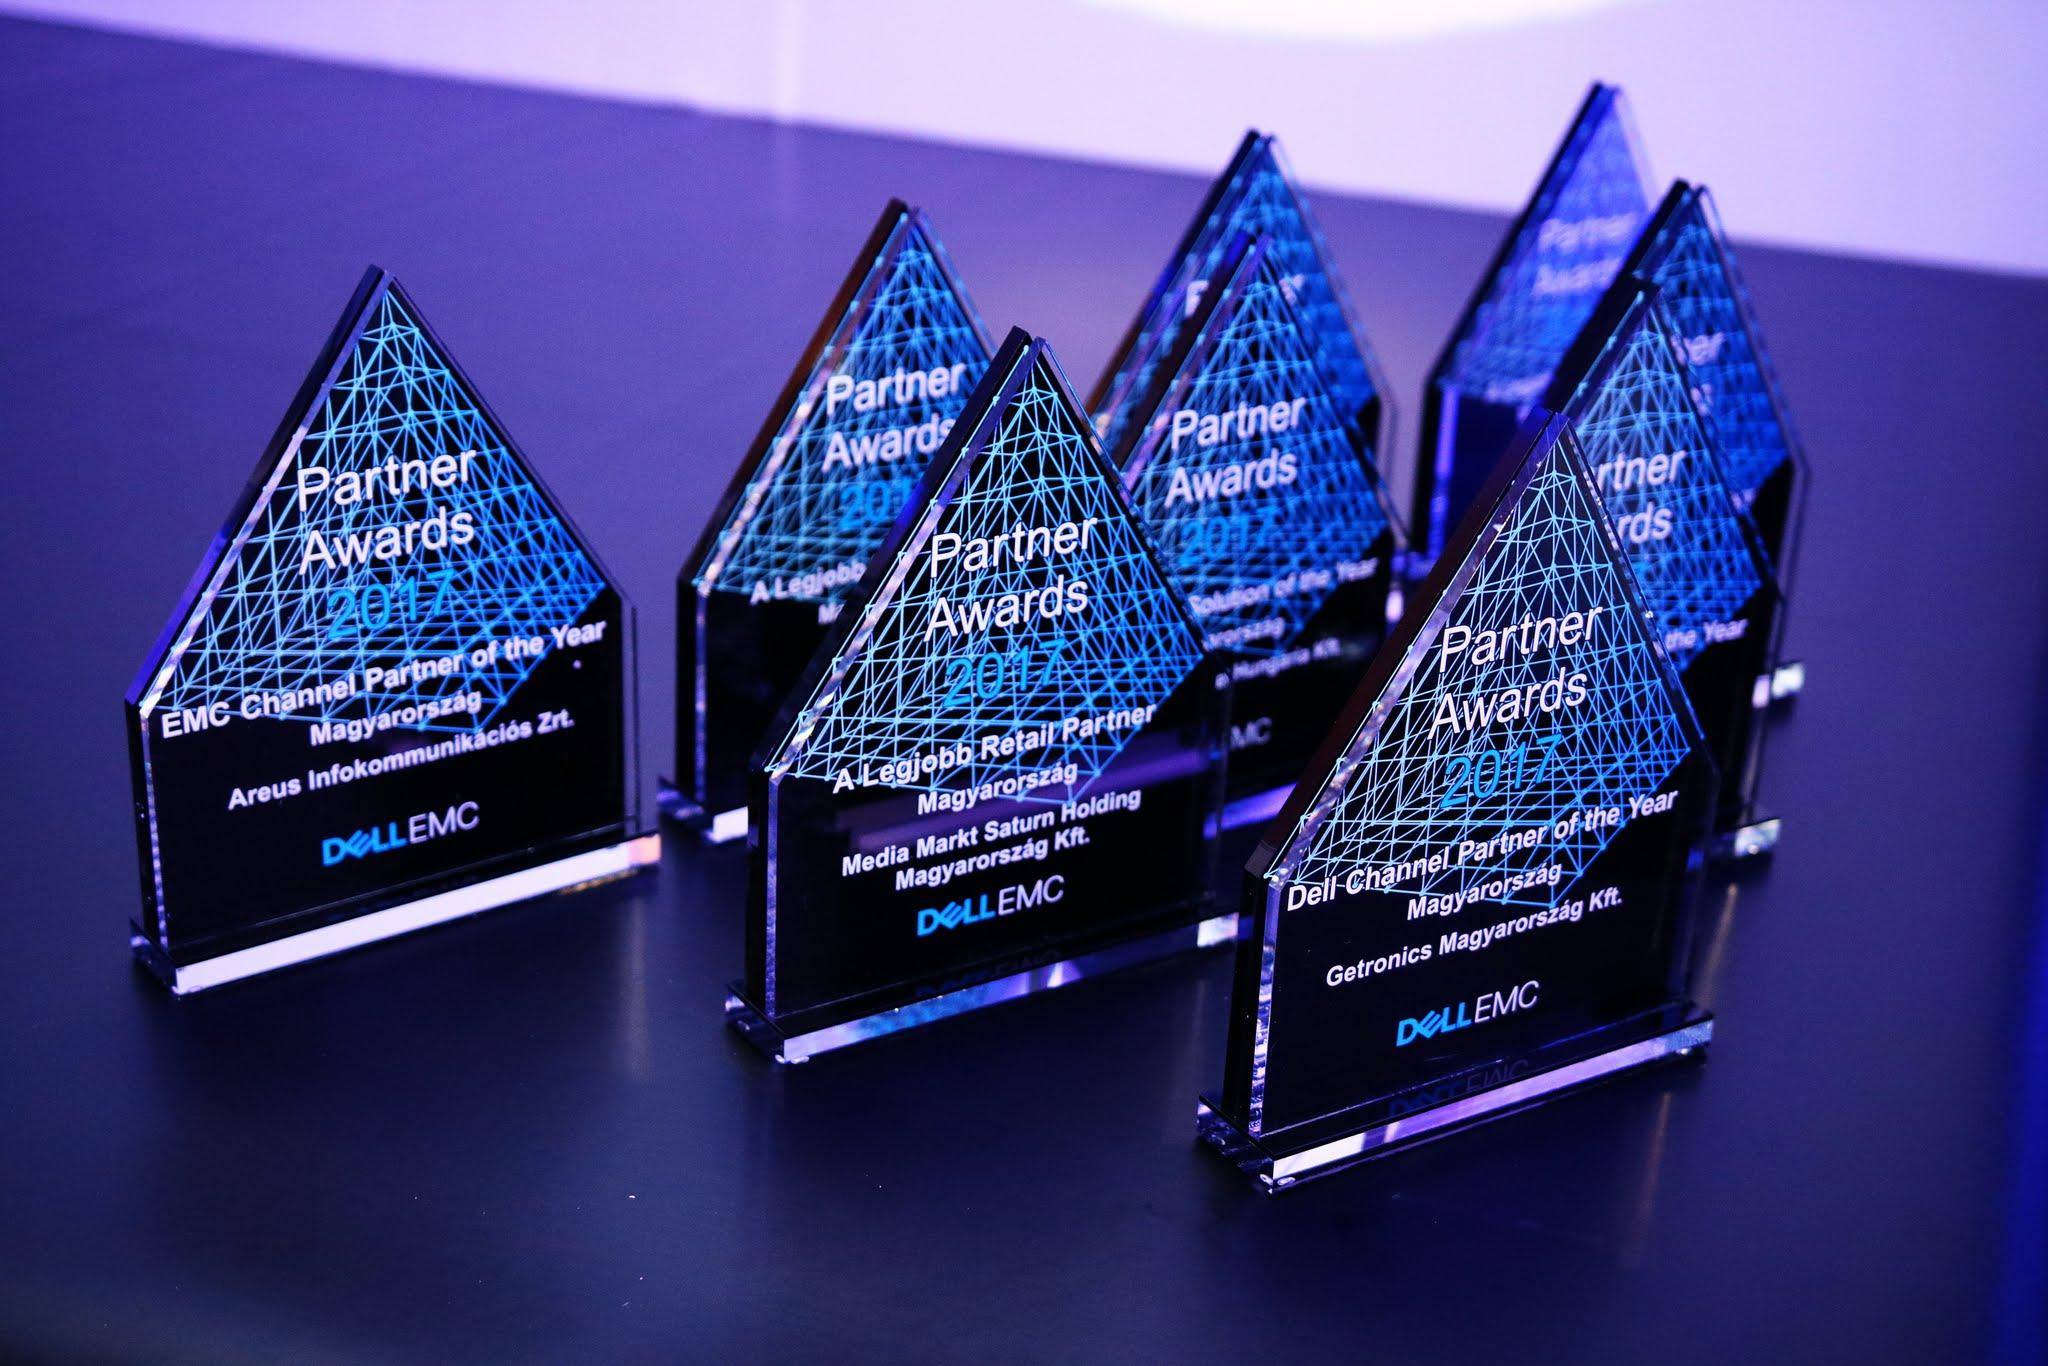 dell_emc_partner_awards_2017